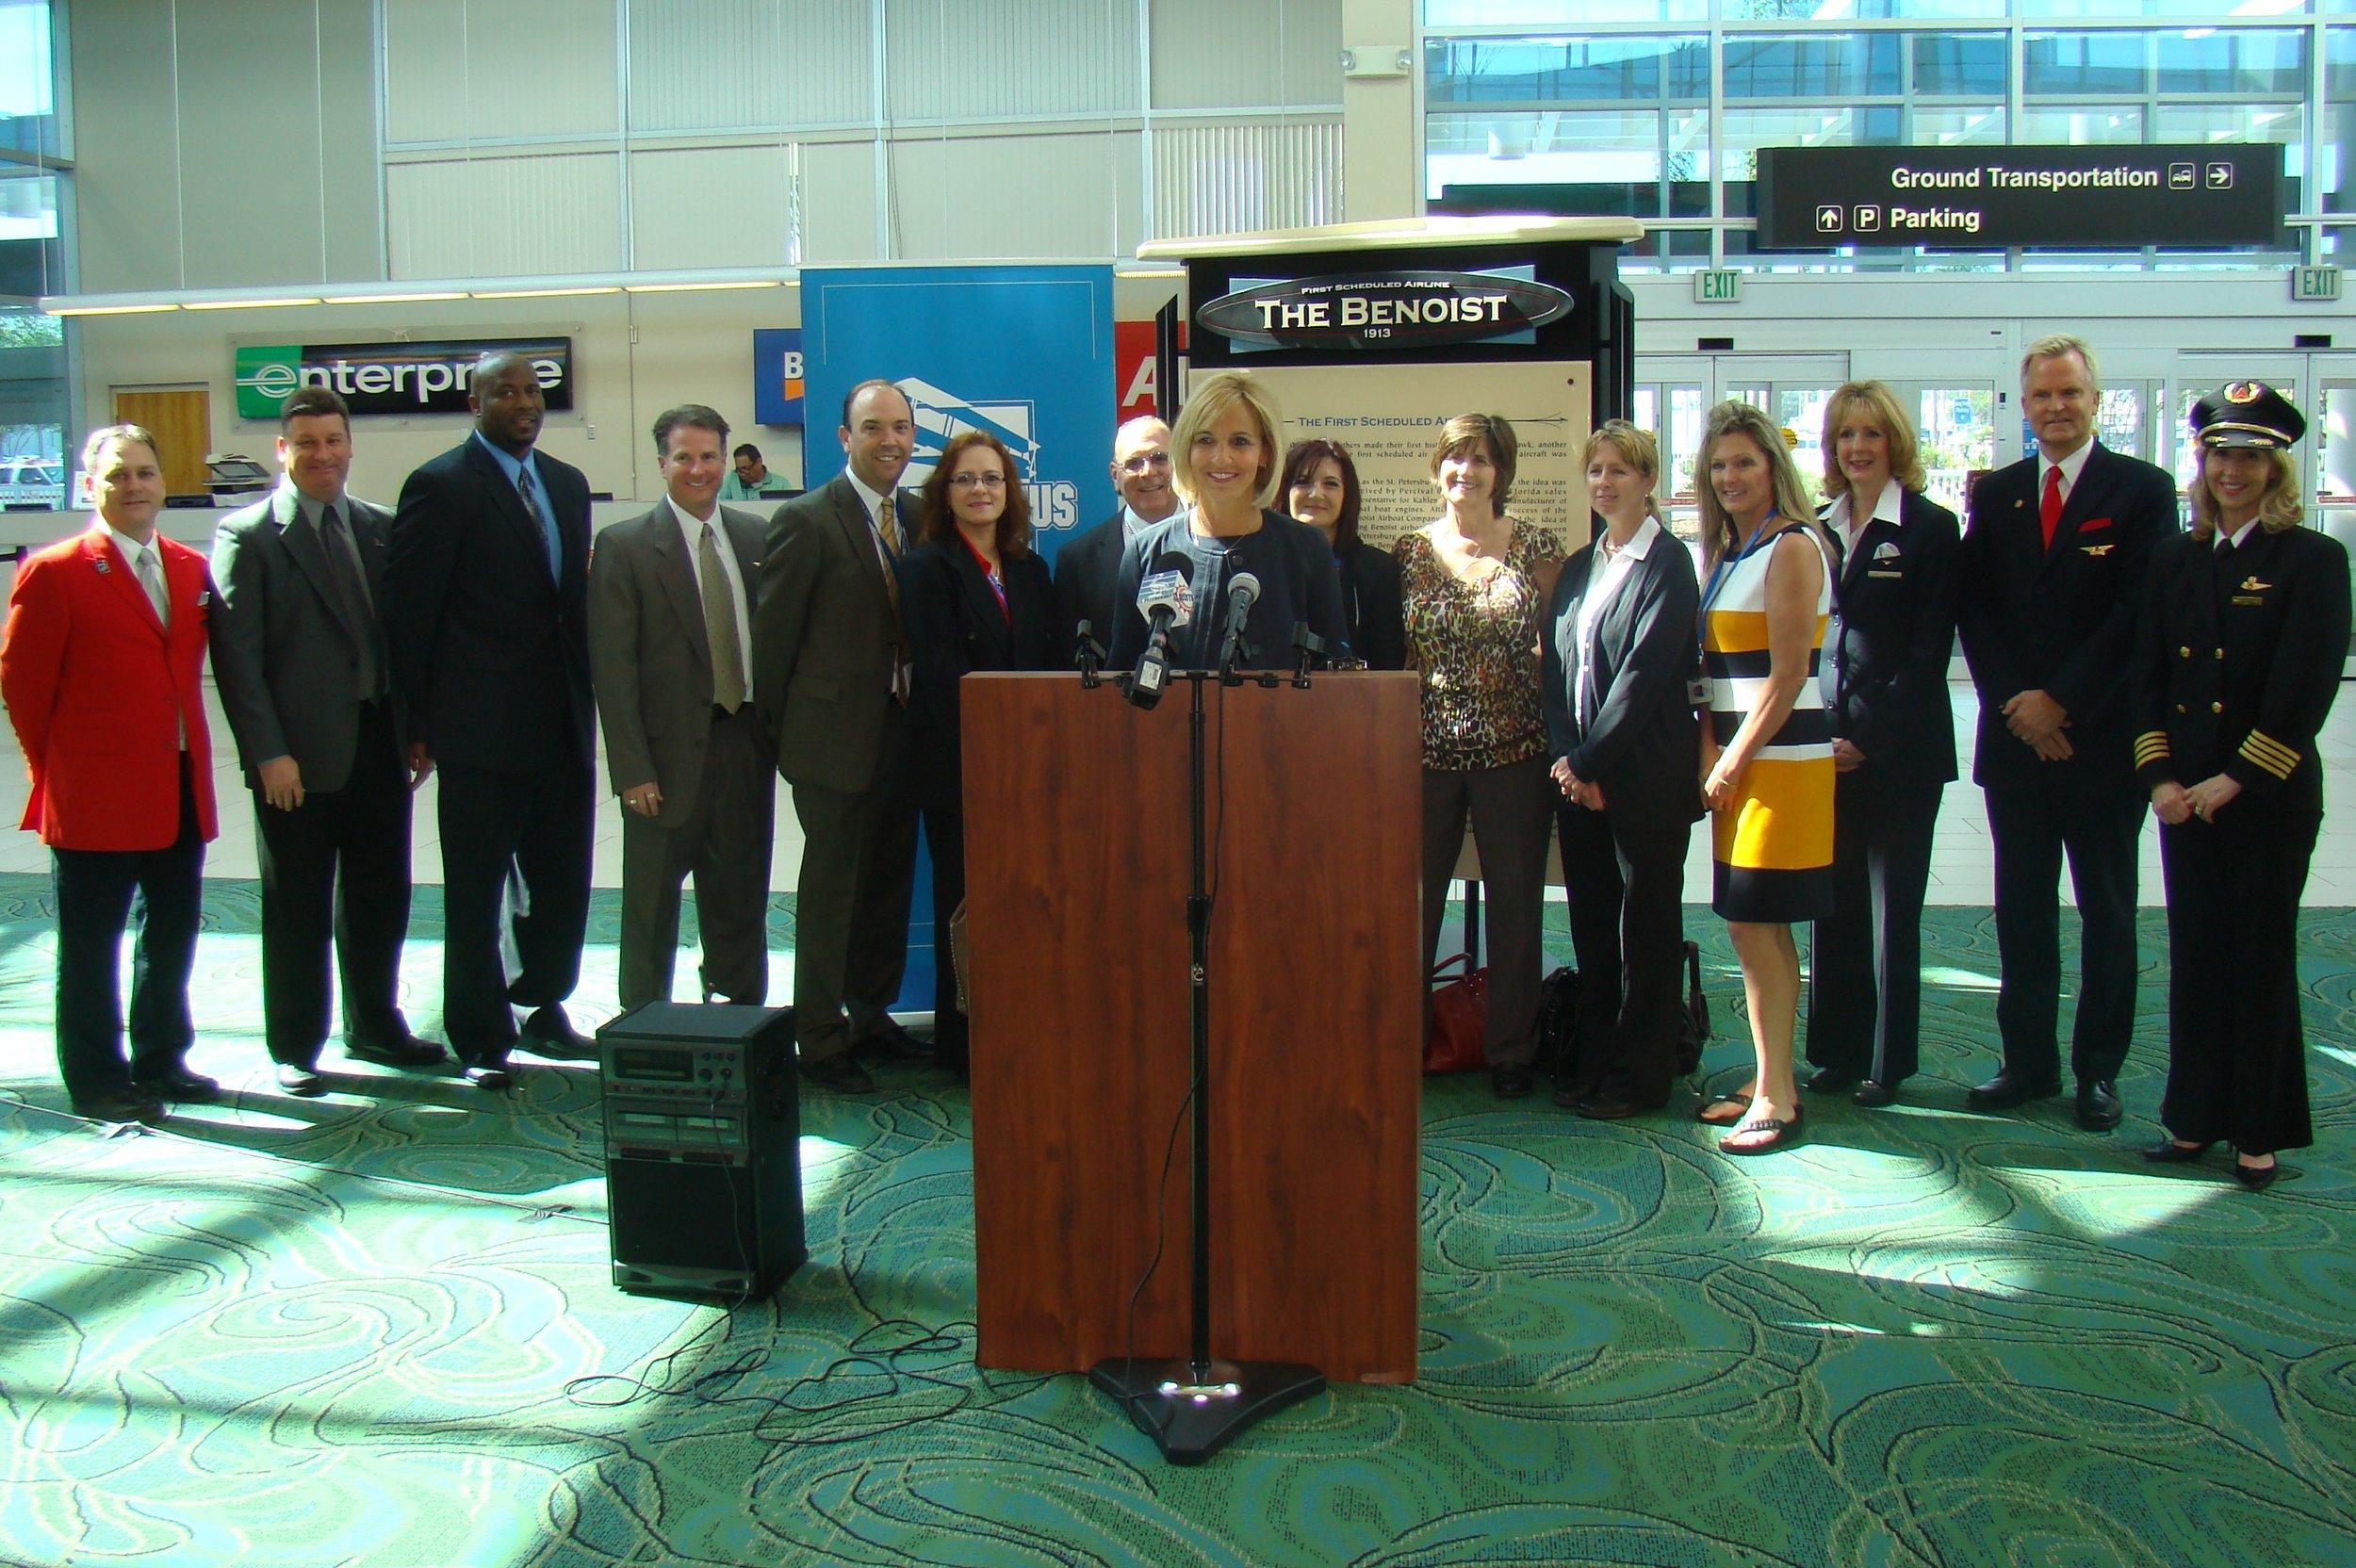 Allison Ausband & Delta Air Line Associates @ PIE Press Conference - 1, 24 Apr '13.JPG